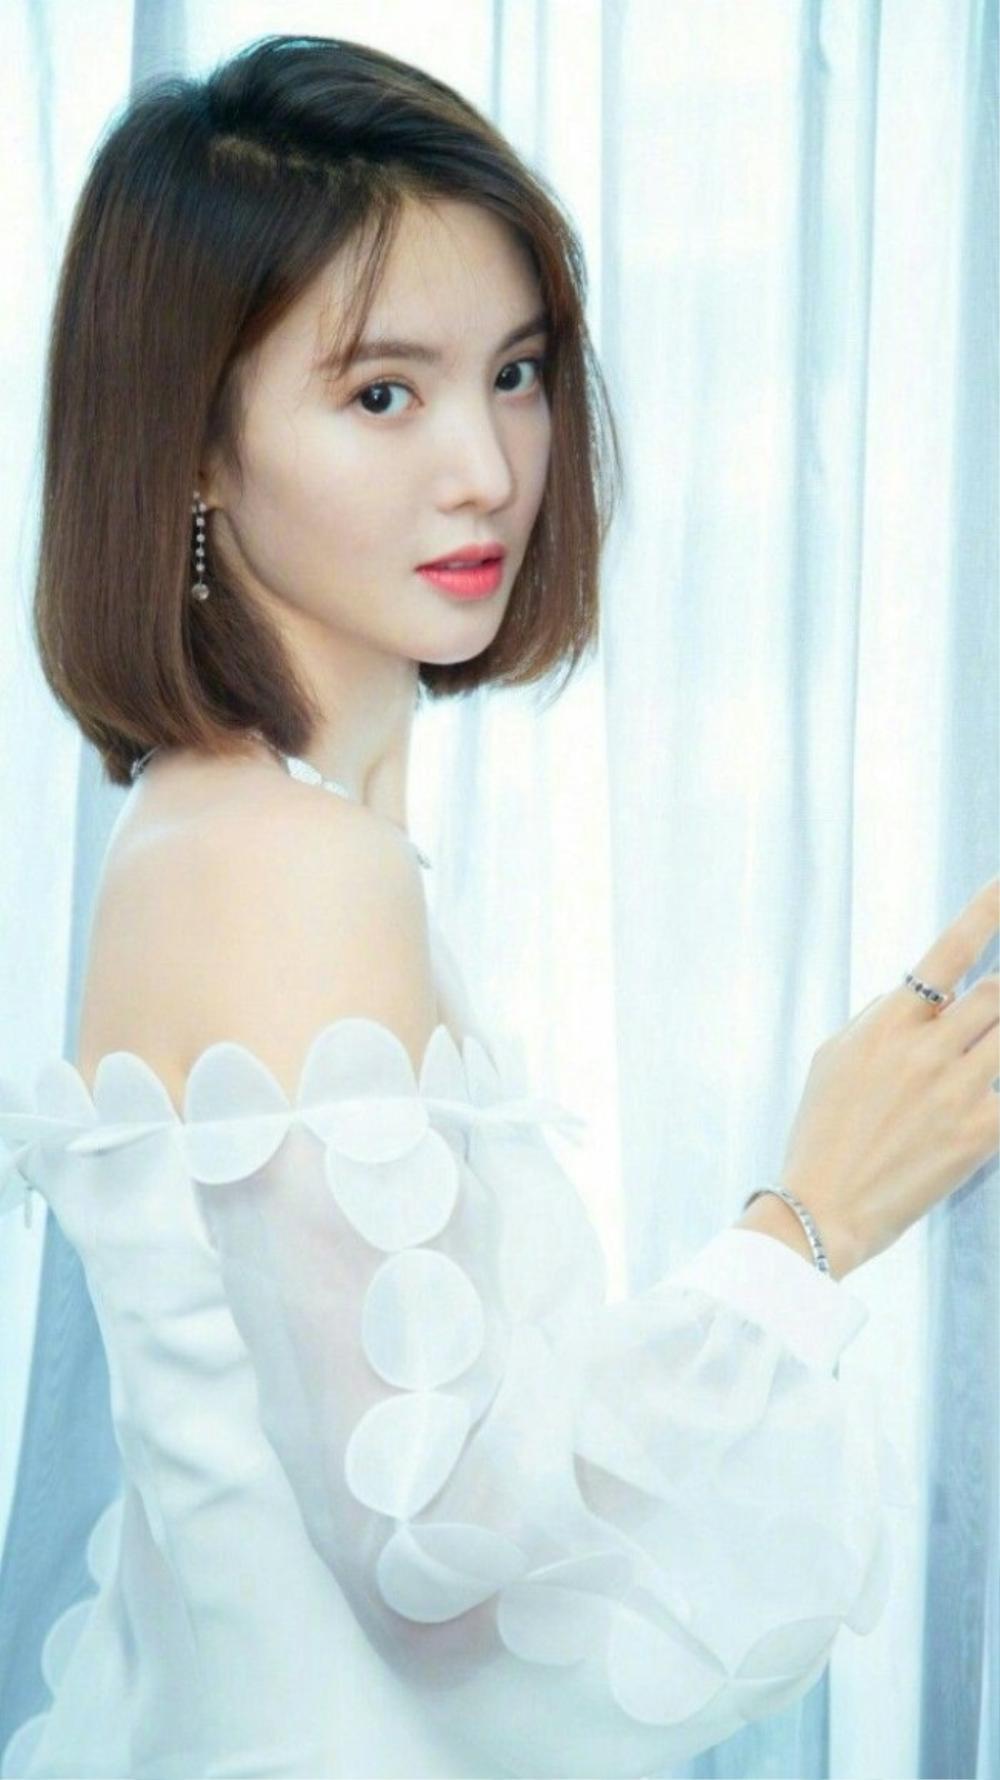 Kim Thần và Lý Dịch Phong cùng phủ nhận chuyện hẹn hò: 'Chỉ là buổi tụ tập bạn bè' Ảnh 1